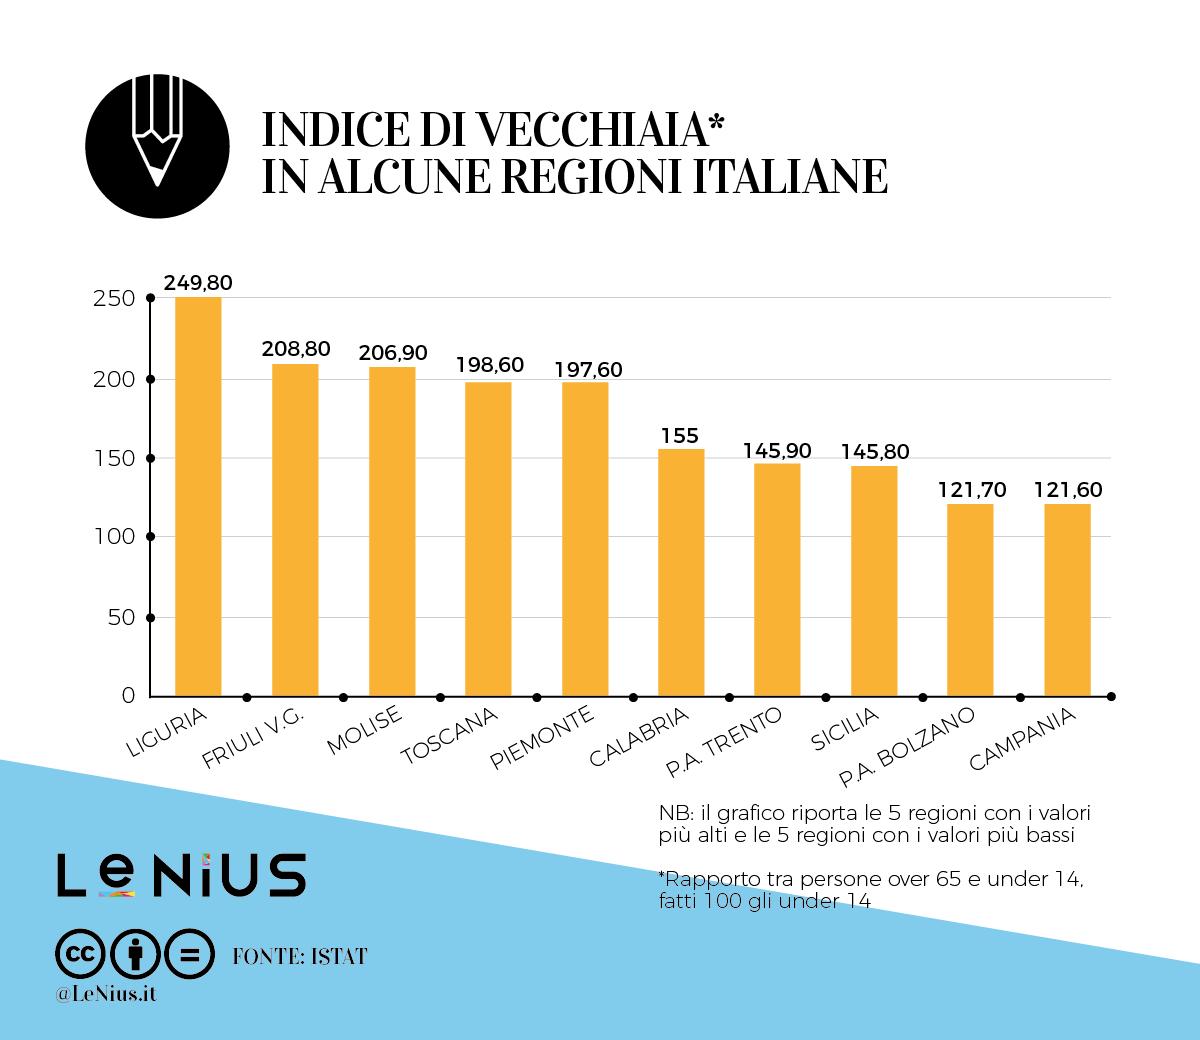 indice di vecchiaia in italia